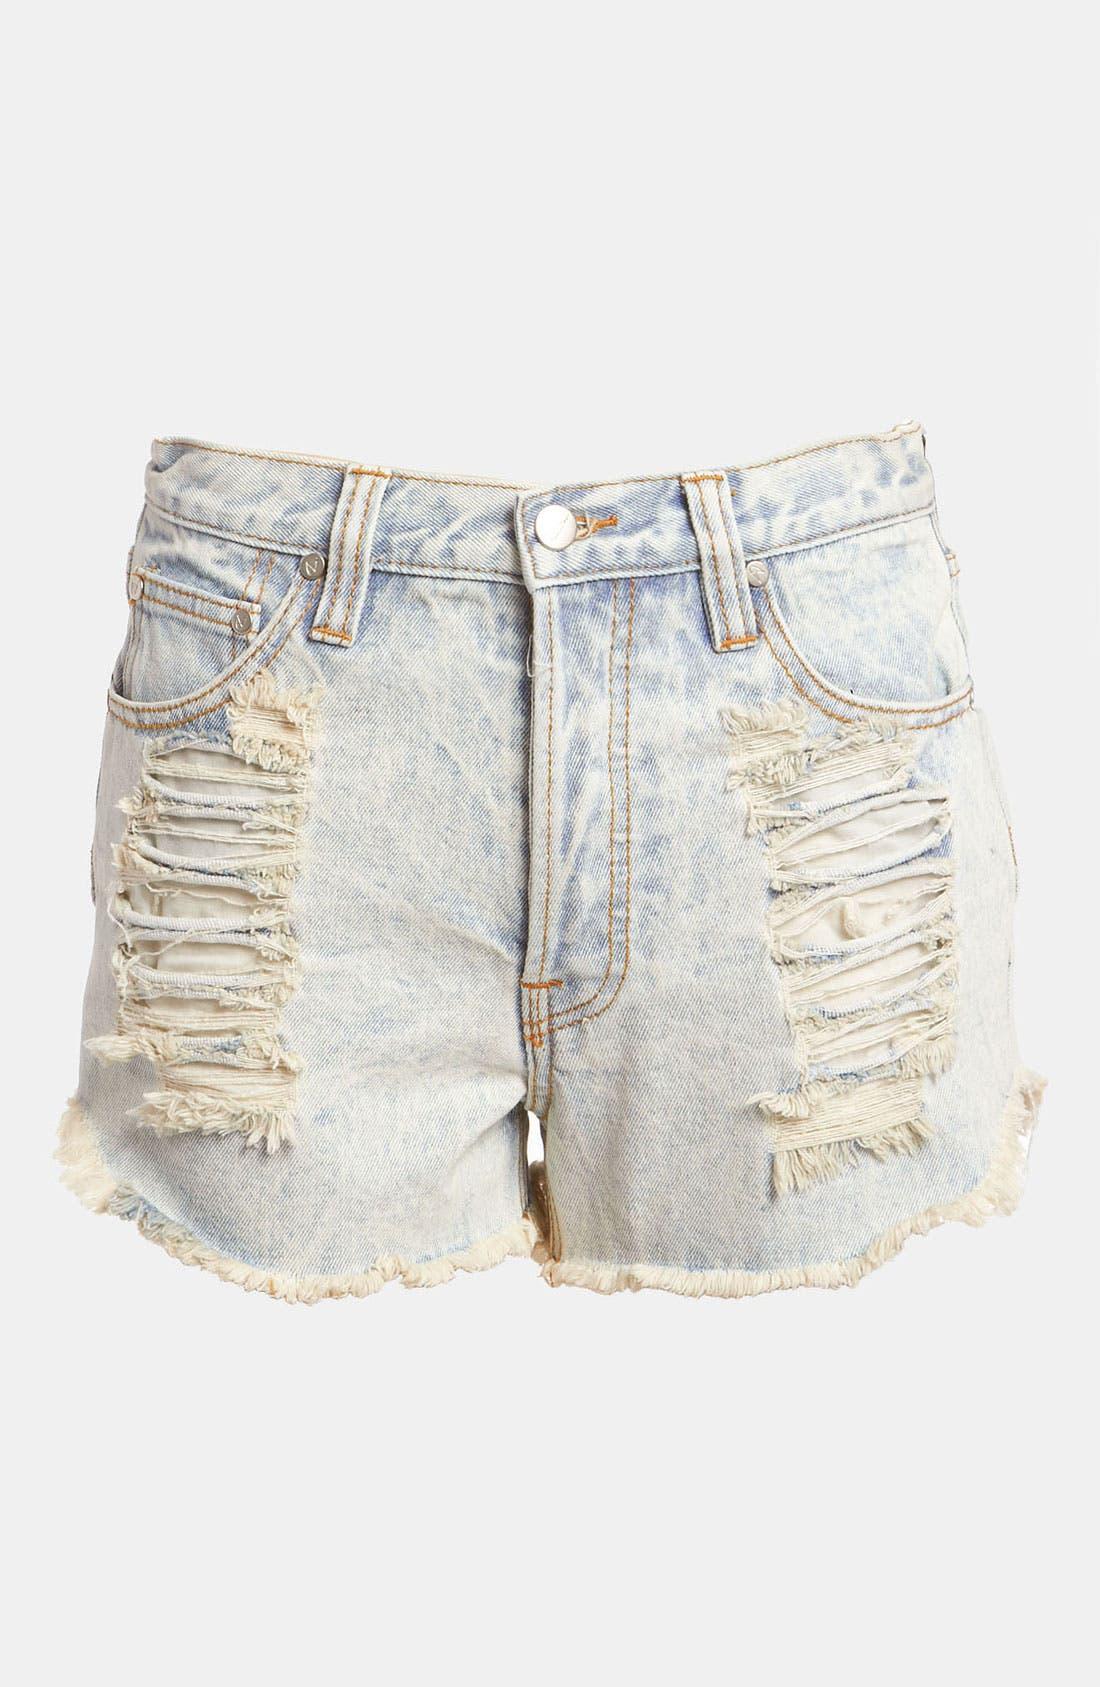 Main Image - MINKPINK 'Slasher Flick' Acid Wash Shorts